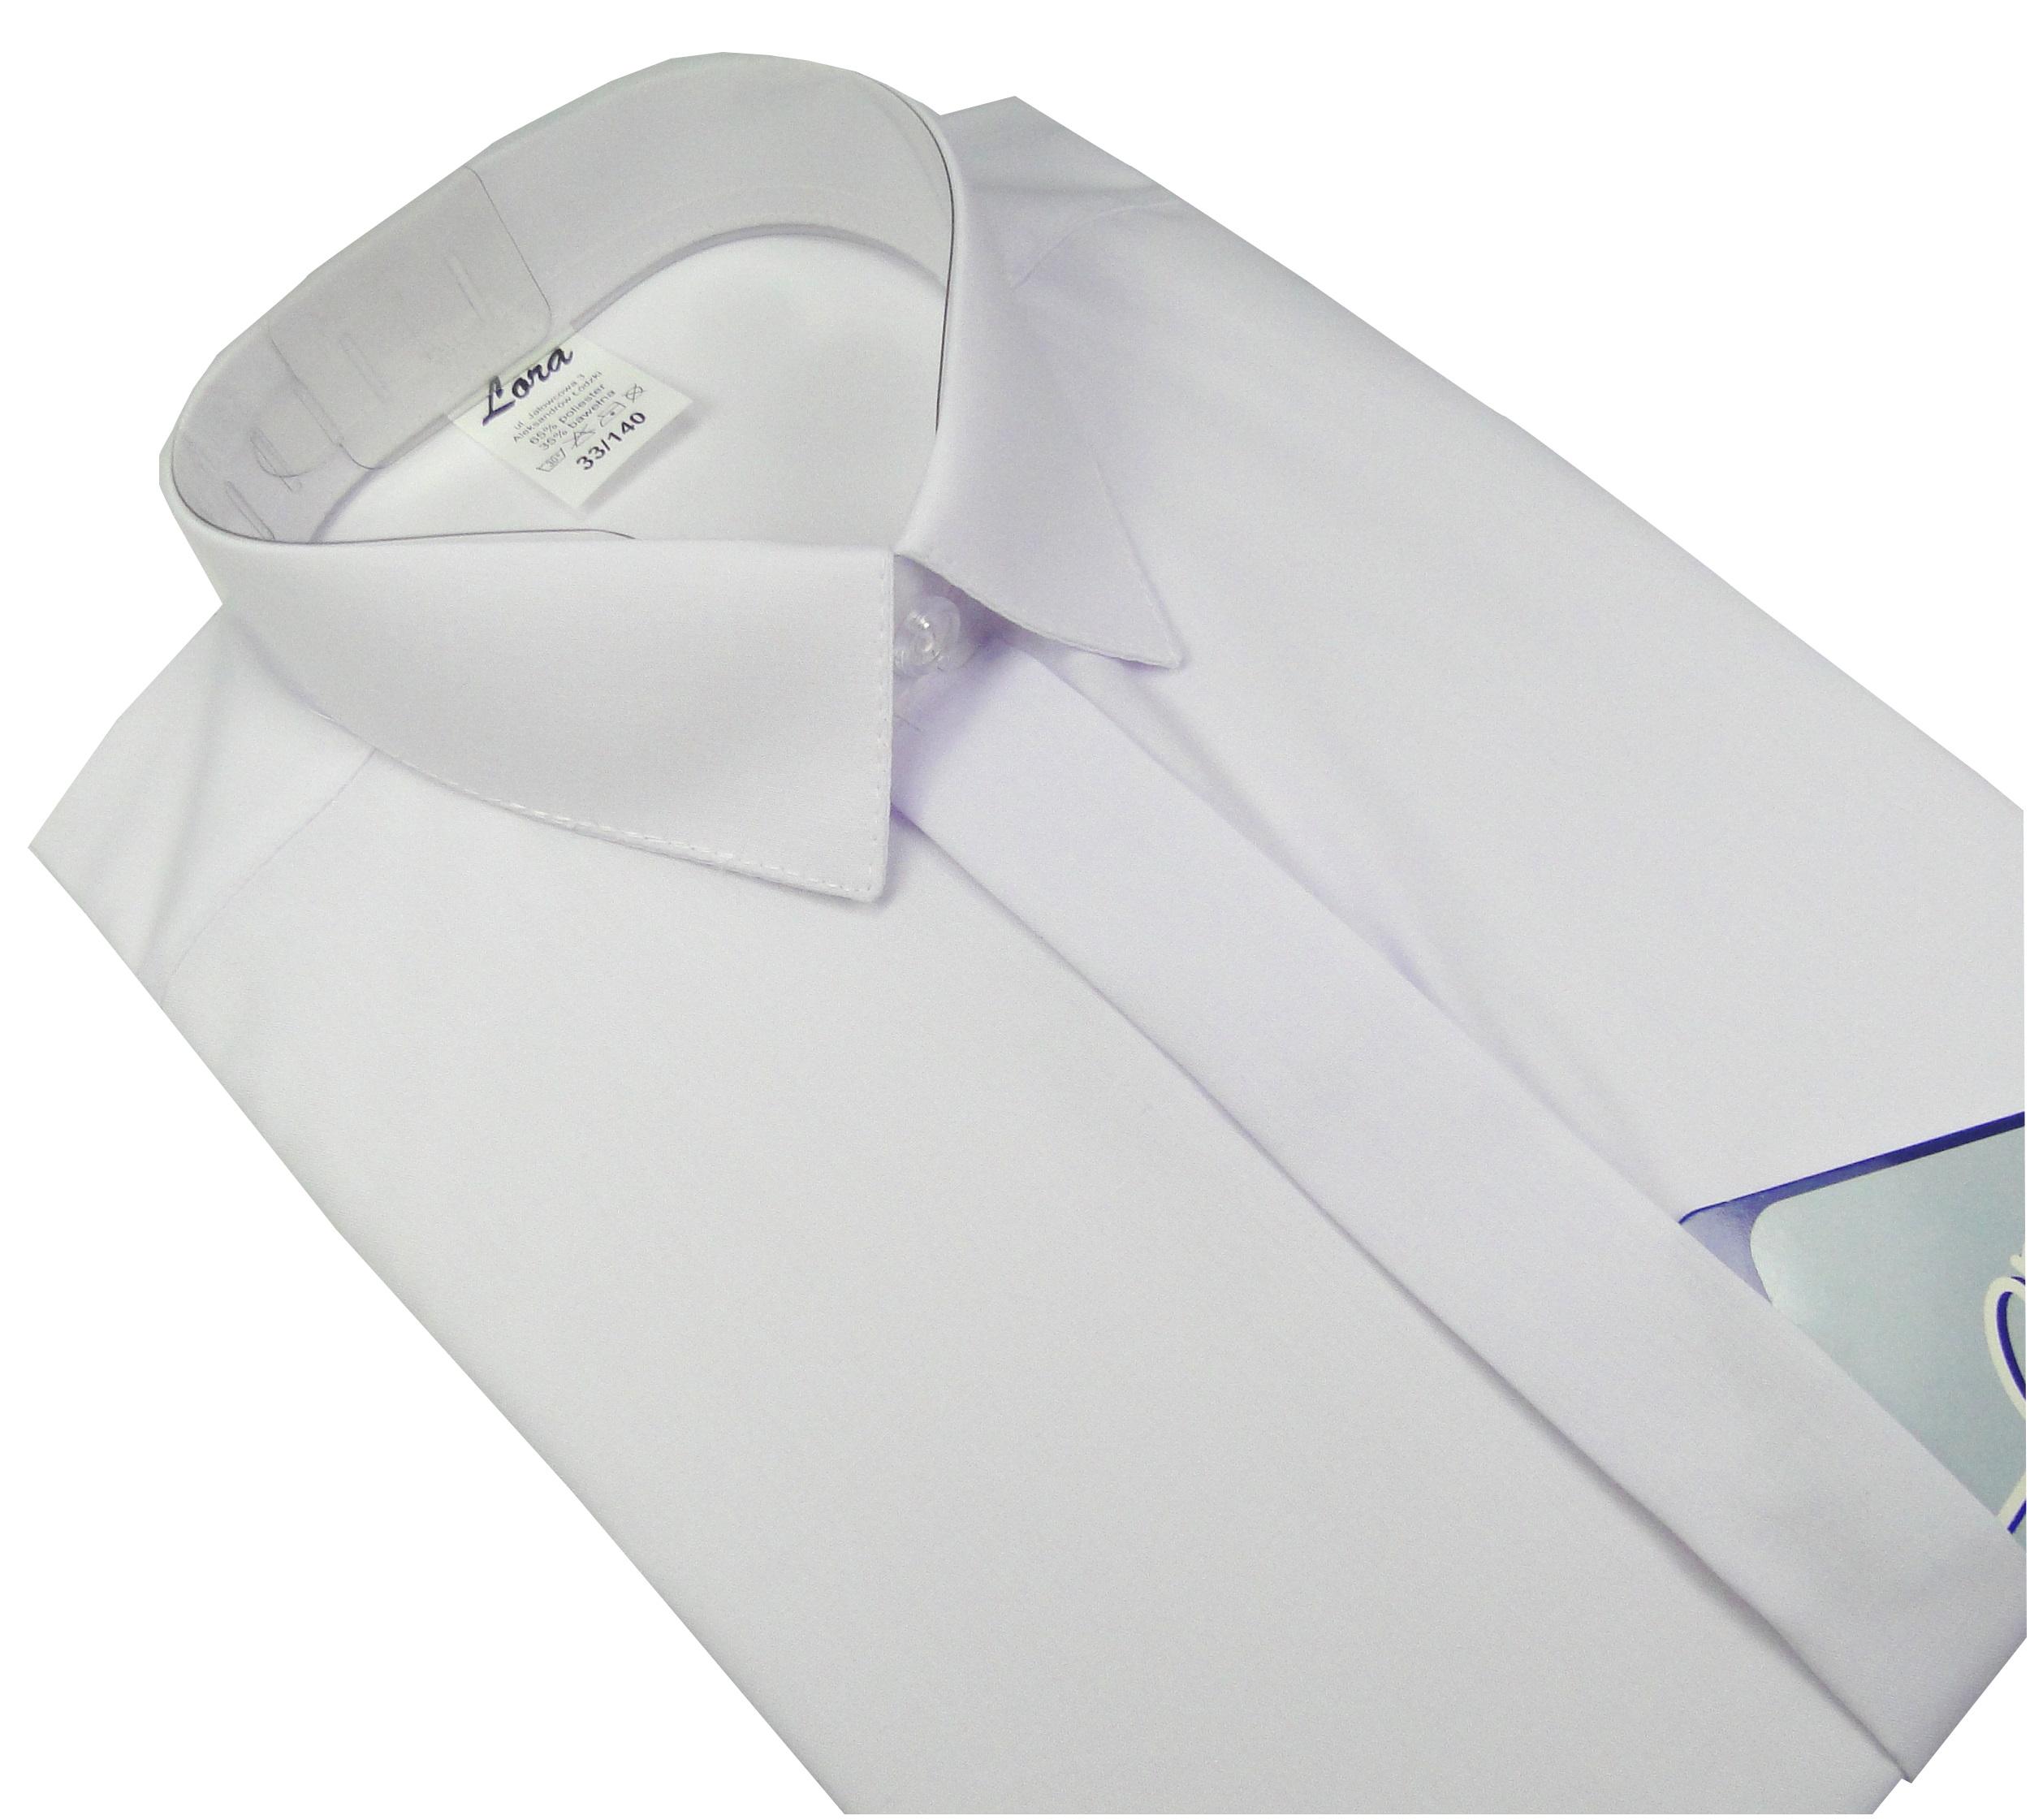 Koszula chłopięca wizytowa biała długi rękaw 146 7051824322  zcqw6